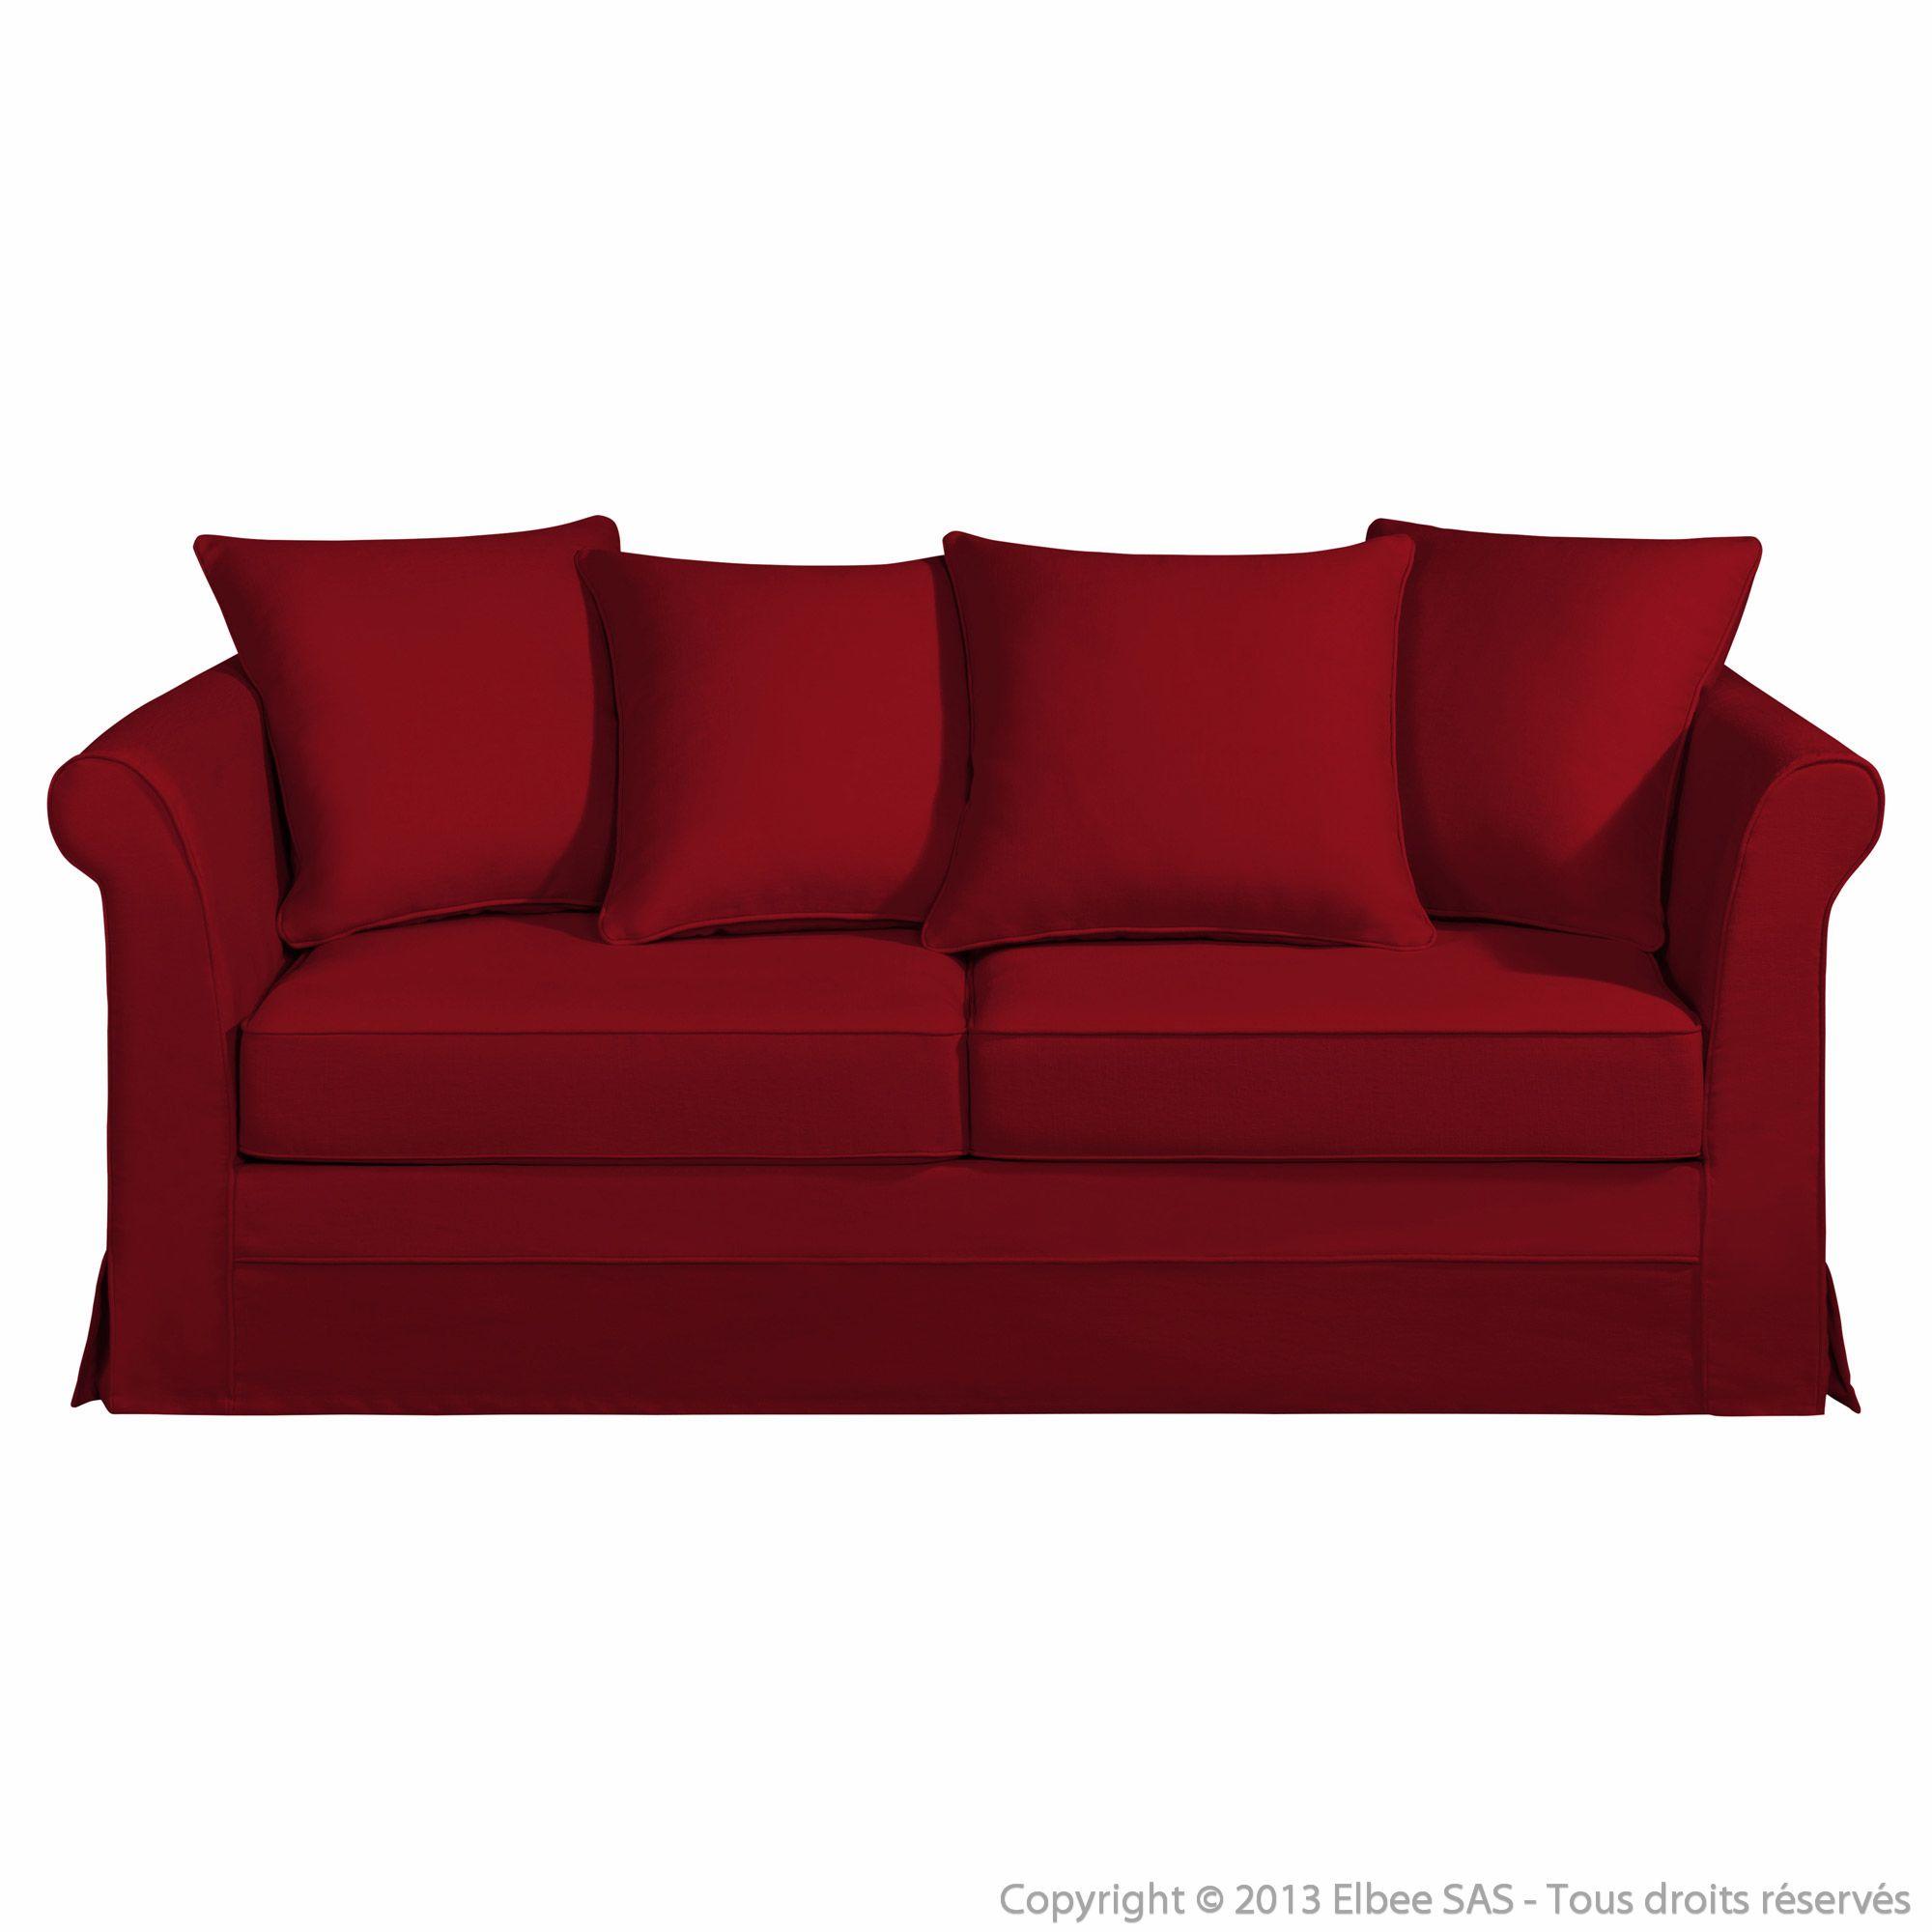 canap tissu coton convertible som 39 toile d houssable dossier coussins kaelia esprit chalet. Black Bedroom Furniture Sets. Home Design Ideas